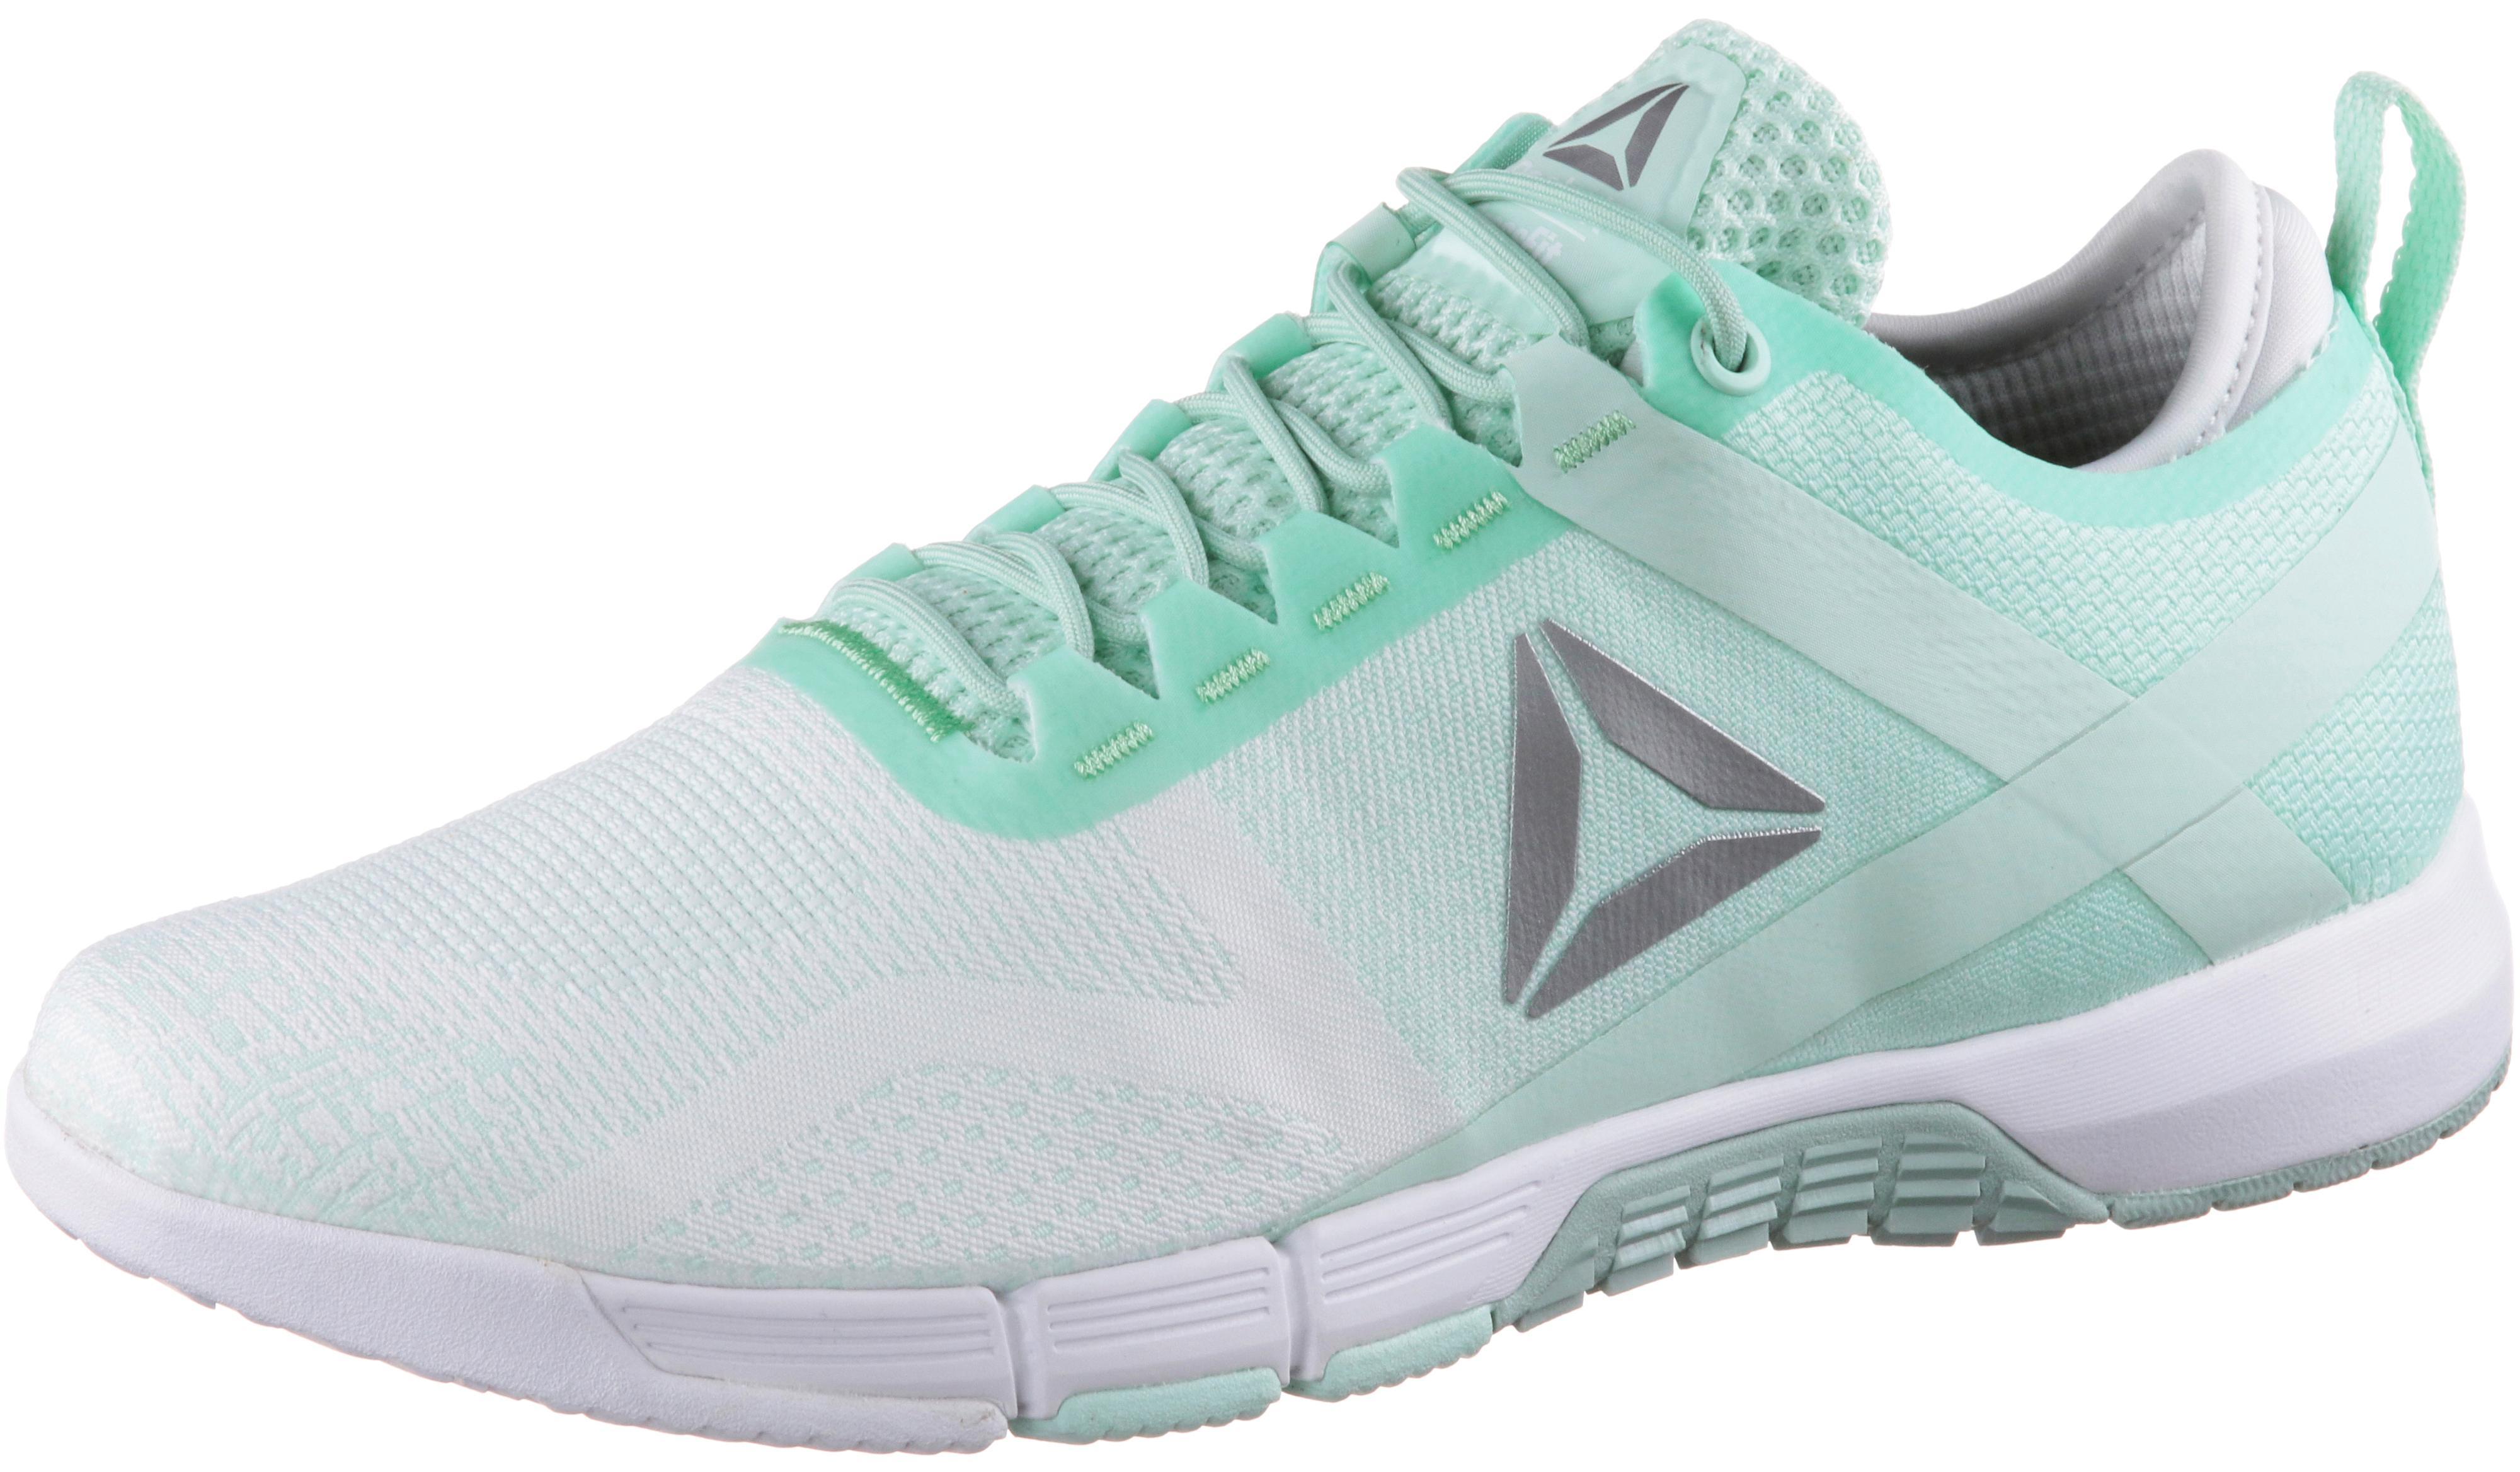 Reebok Crossfit Grace Fitnessschuhe Damen mint im Online Shop von SportScheck kaufen Gute Qualität beliebte Schuhe